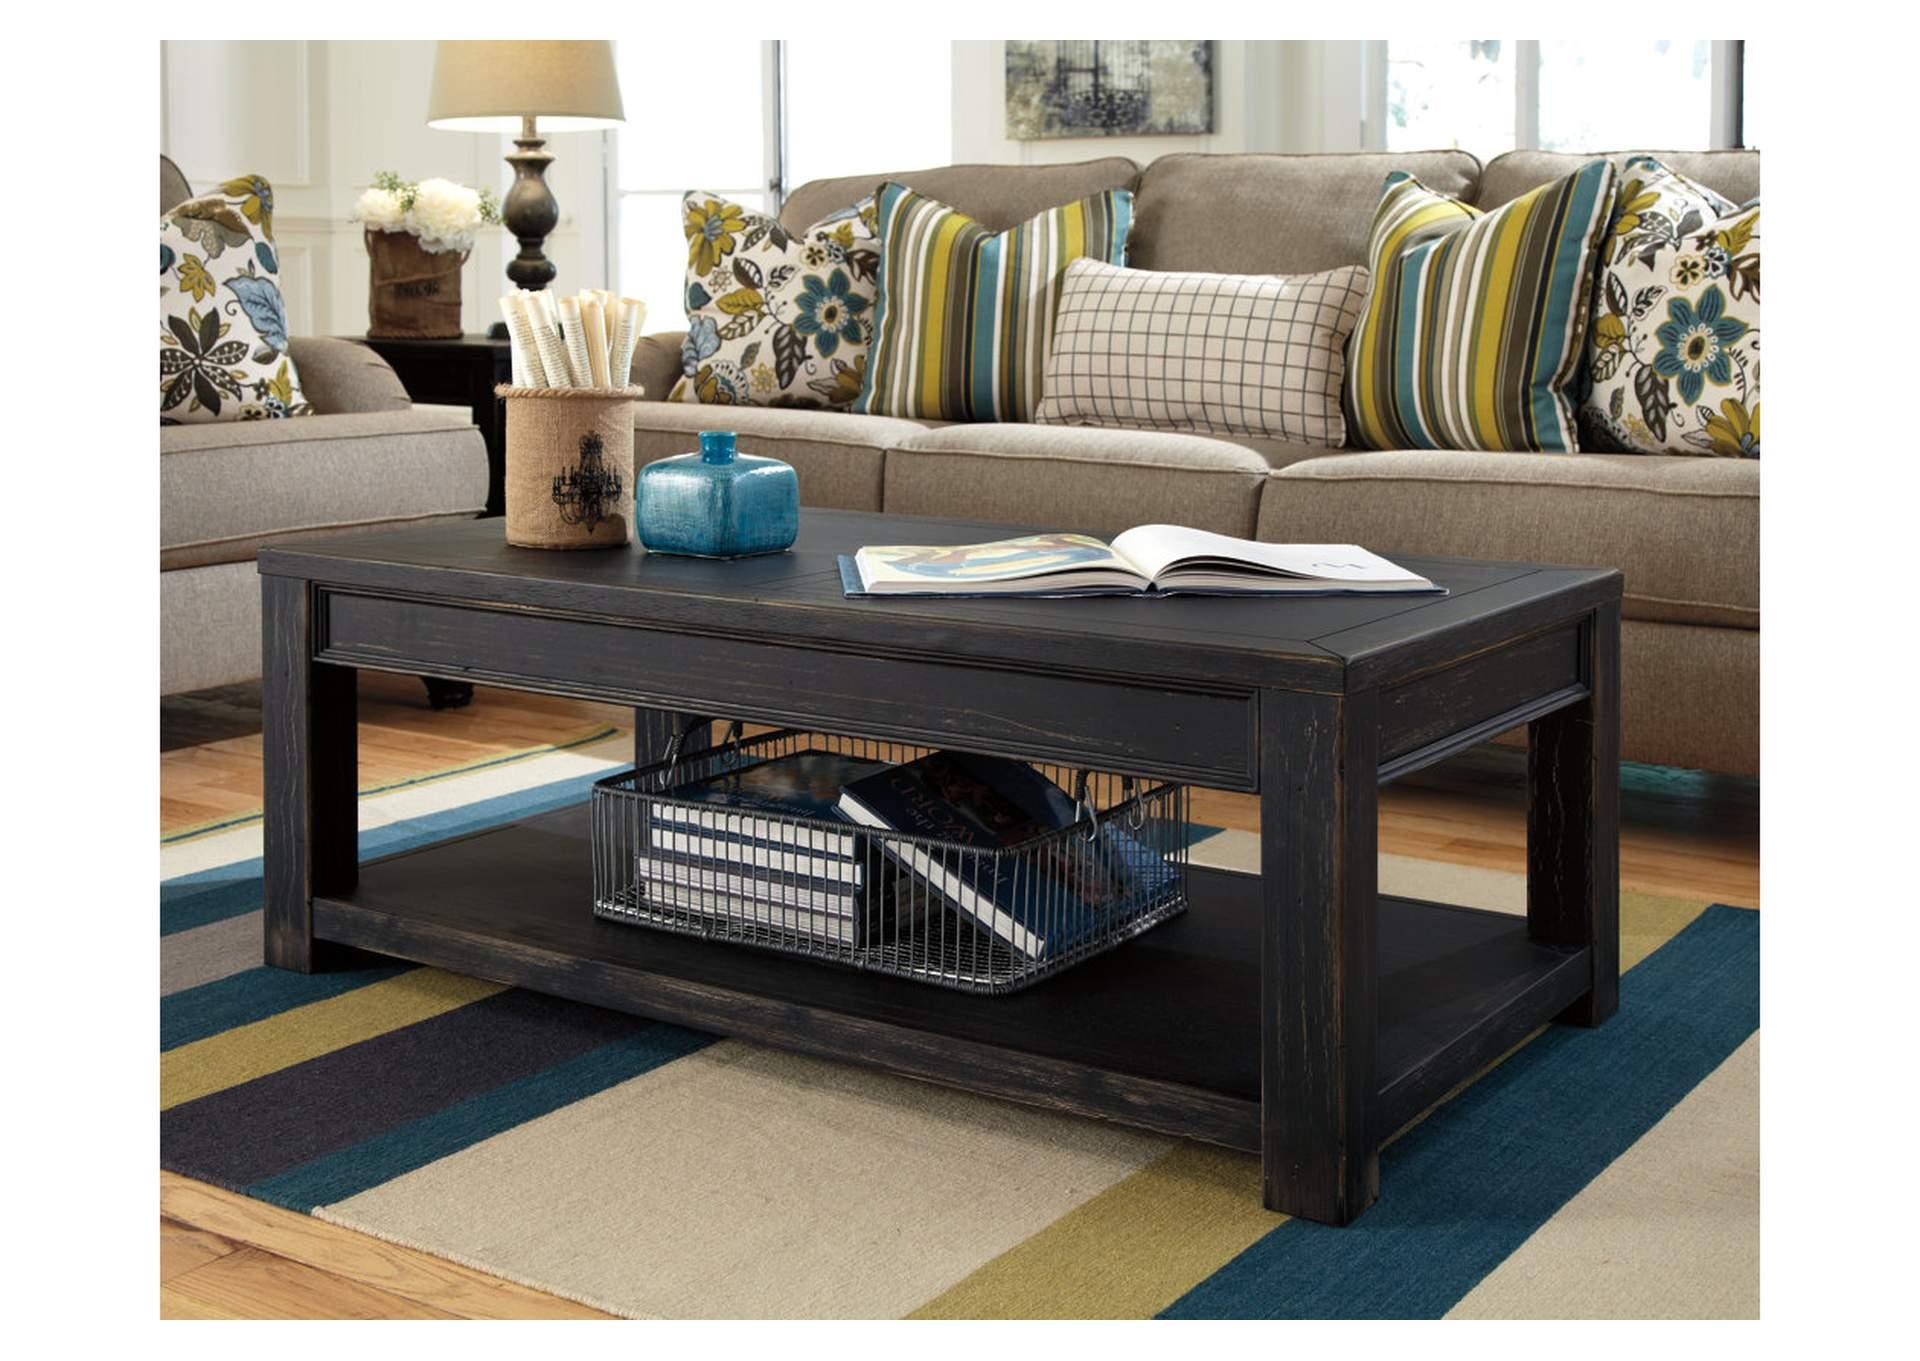 Gibson Furniture Gallatin Hendersonville Nashville Tn Gavelston Rectangular Cocktail Table